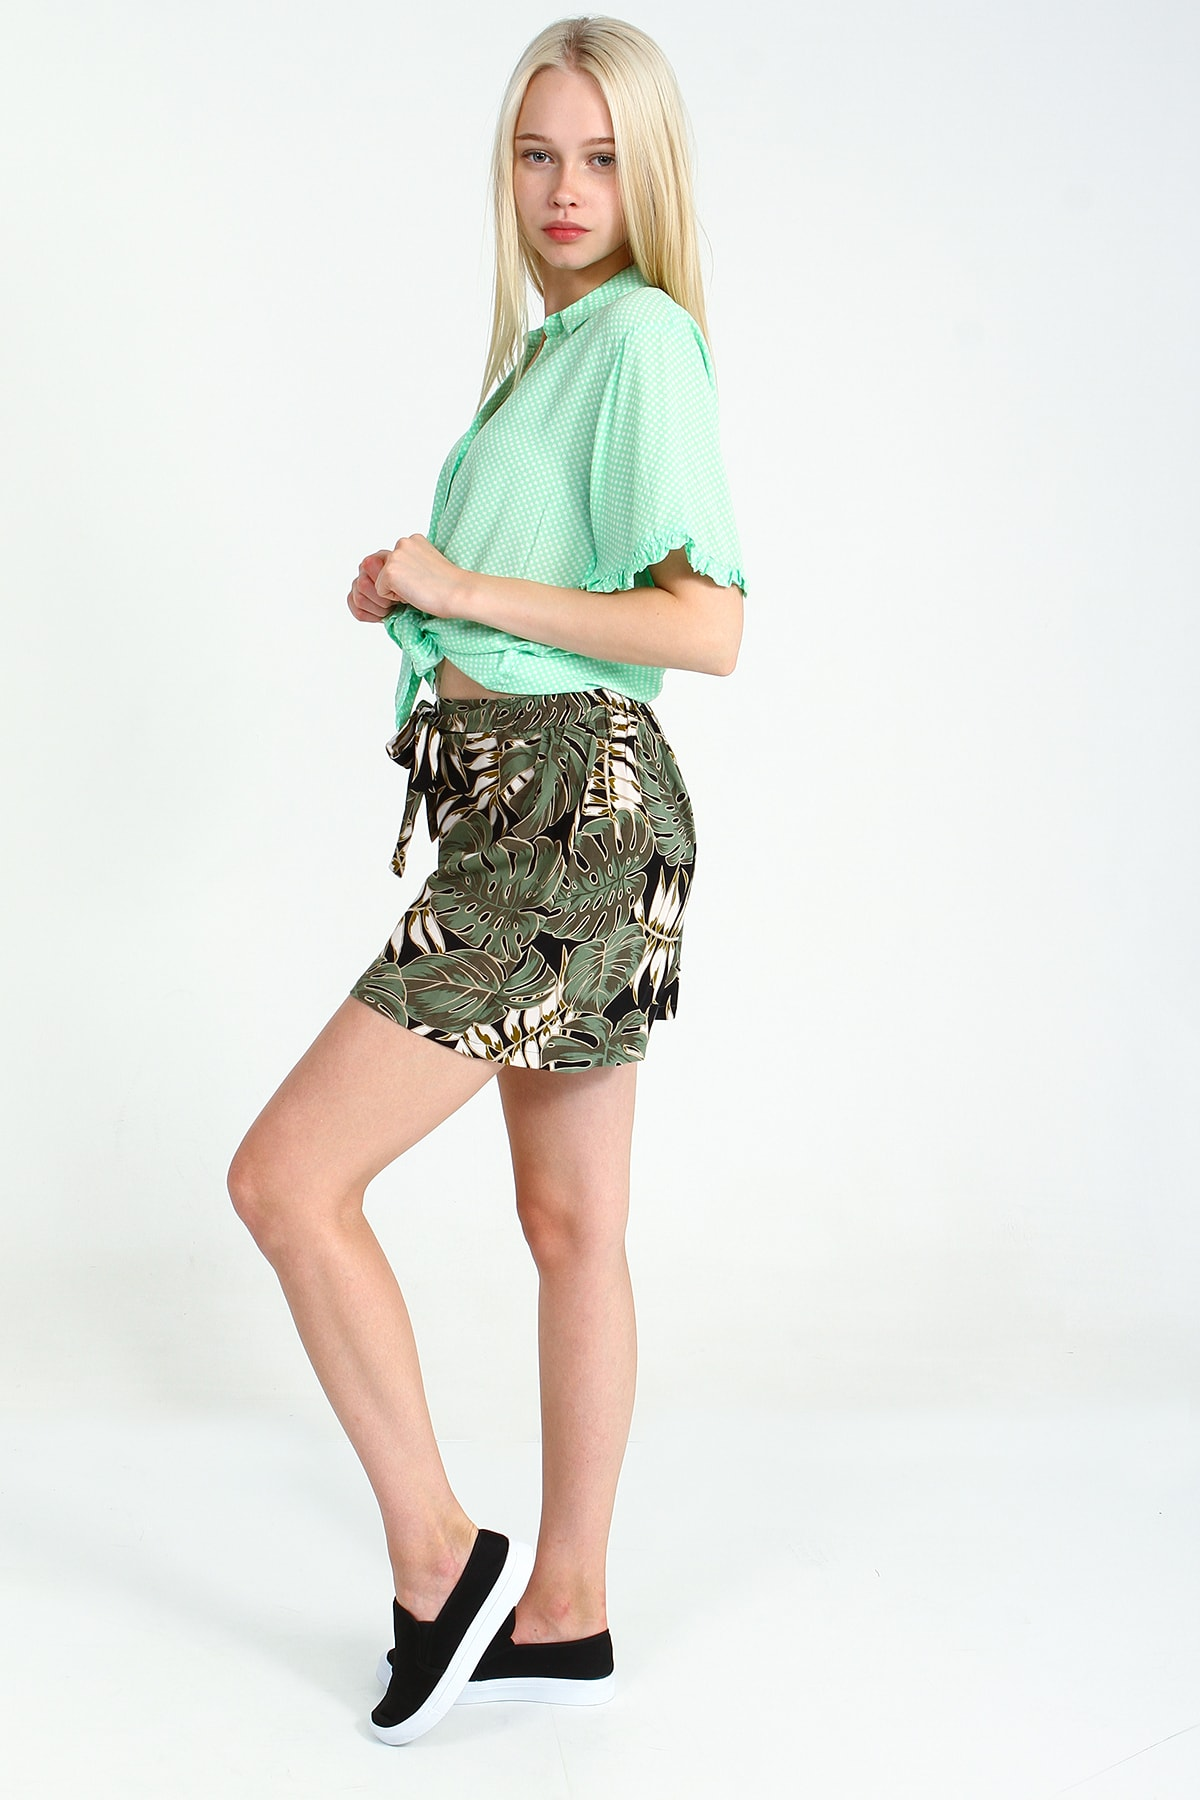 Collezione Mint Kadın V Yaka Belden Bağlamalı Gömlek Kısa Kol 2